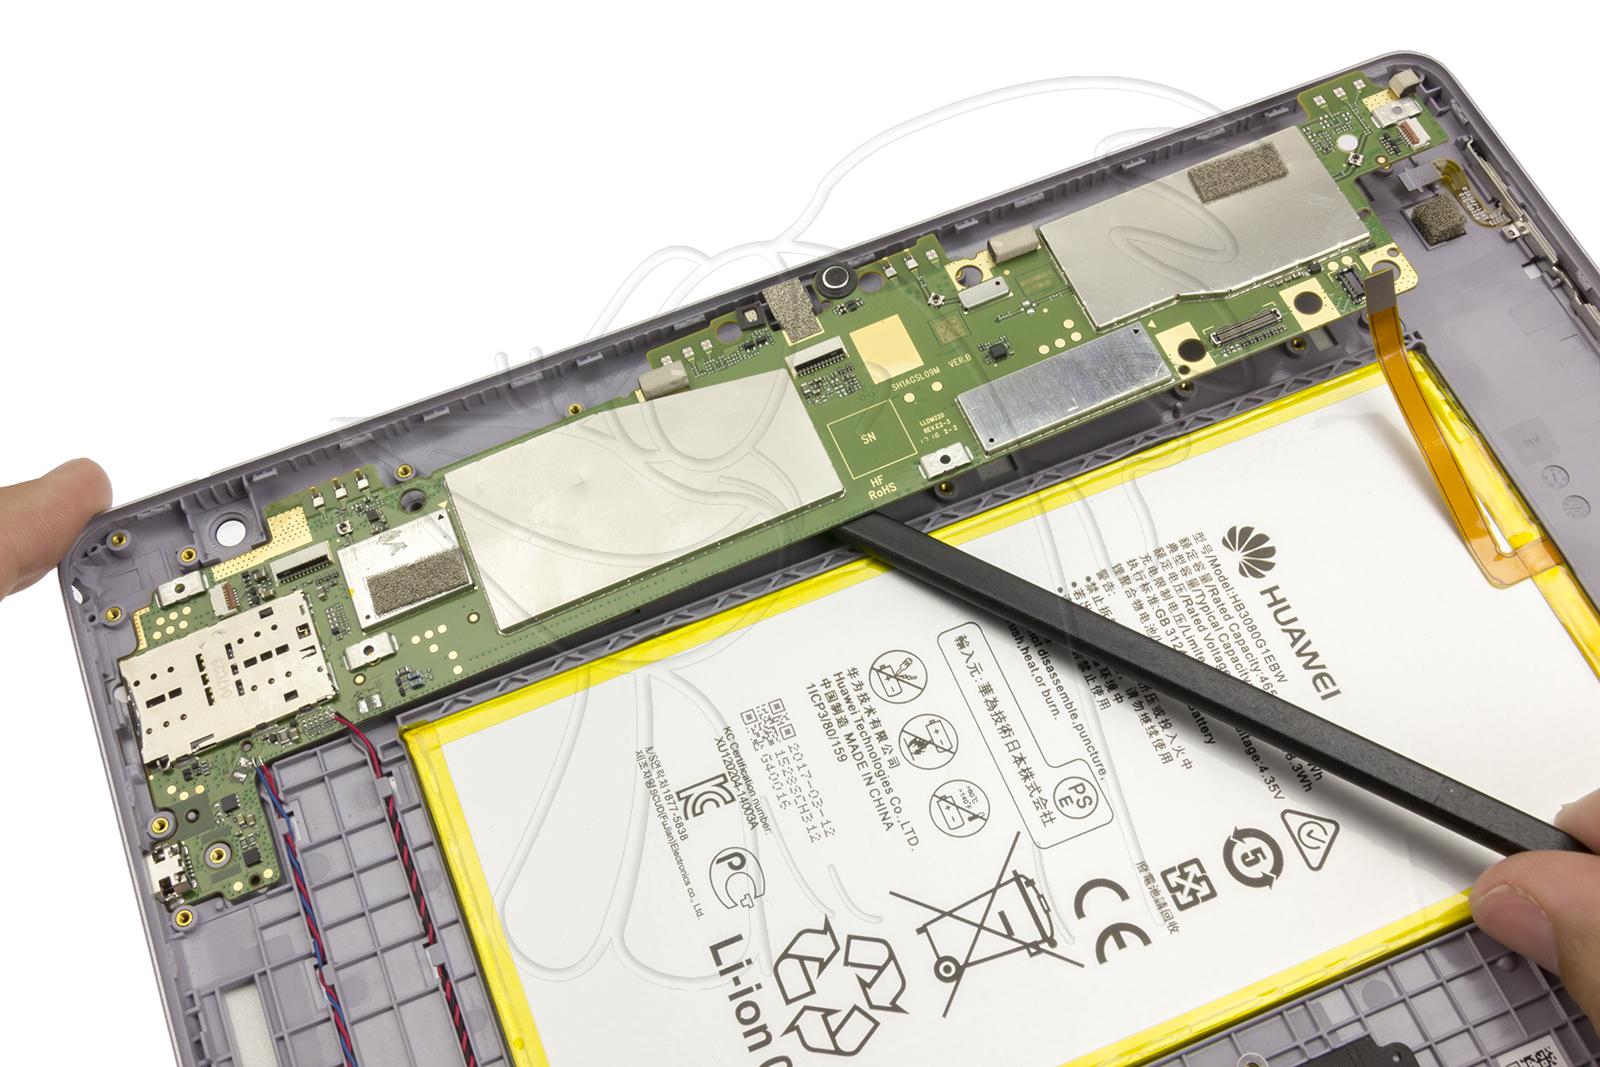 Manuales / Huawei MediaPad T3 10 / Motherboard   Nadie Me Llama Gallina